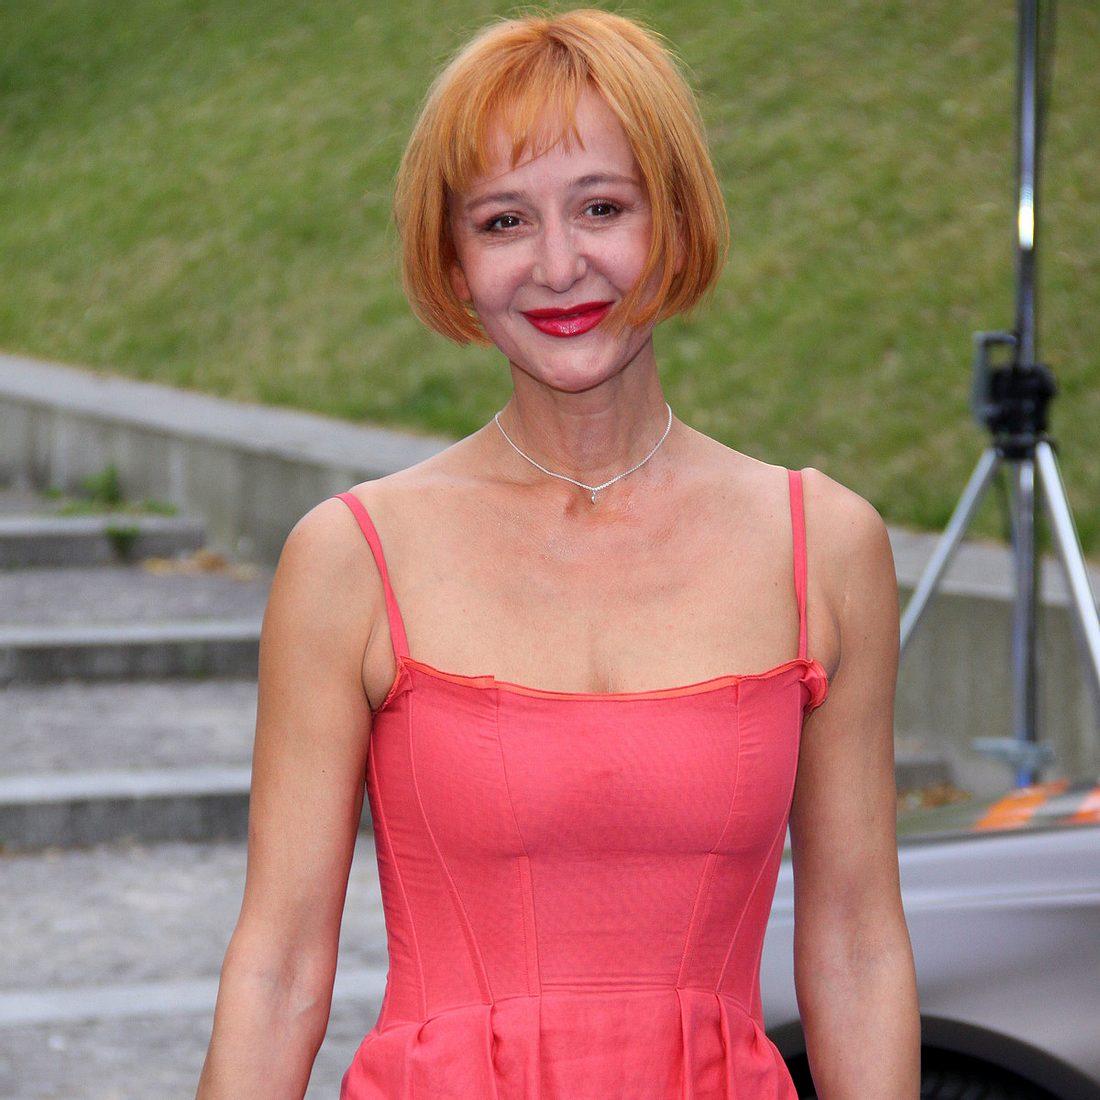 Susanne Lothar: Letzter Film wurde ausgezeichnet